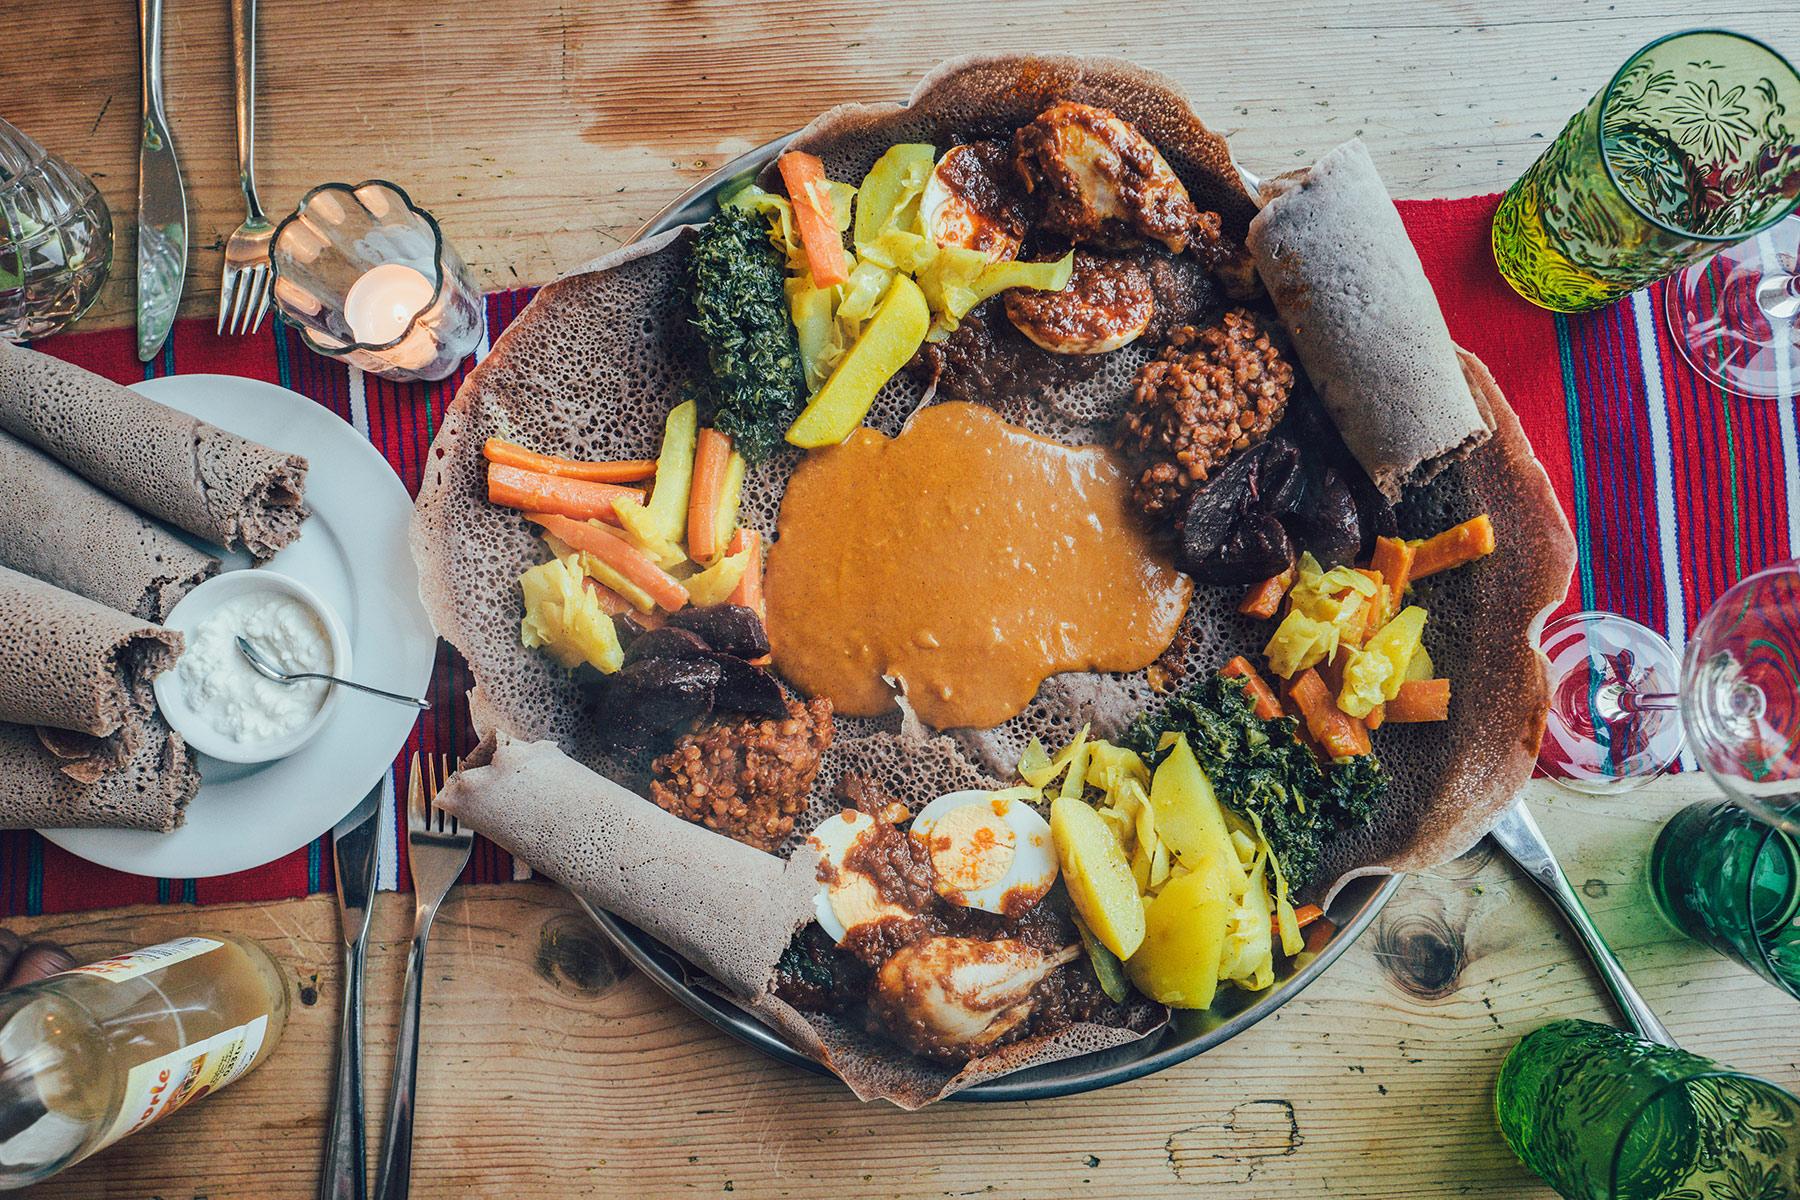 Äthiopische Küche at its best!